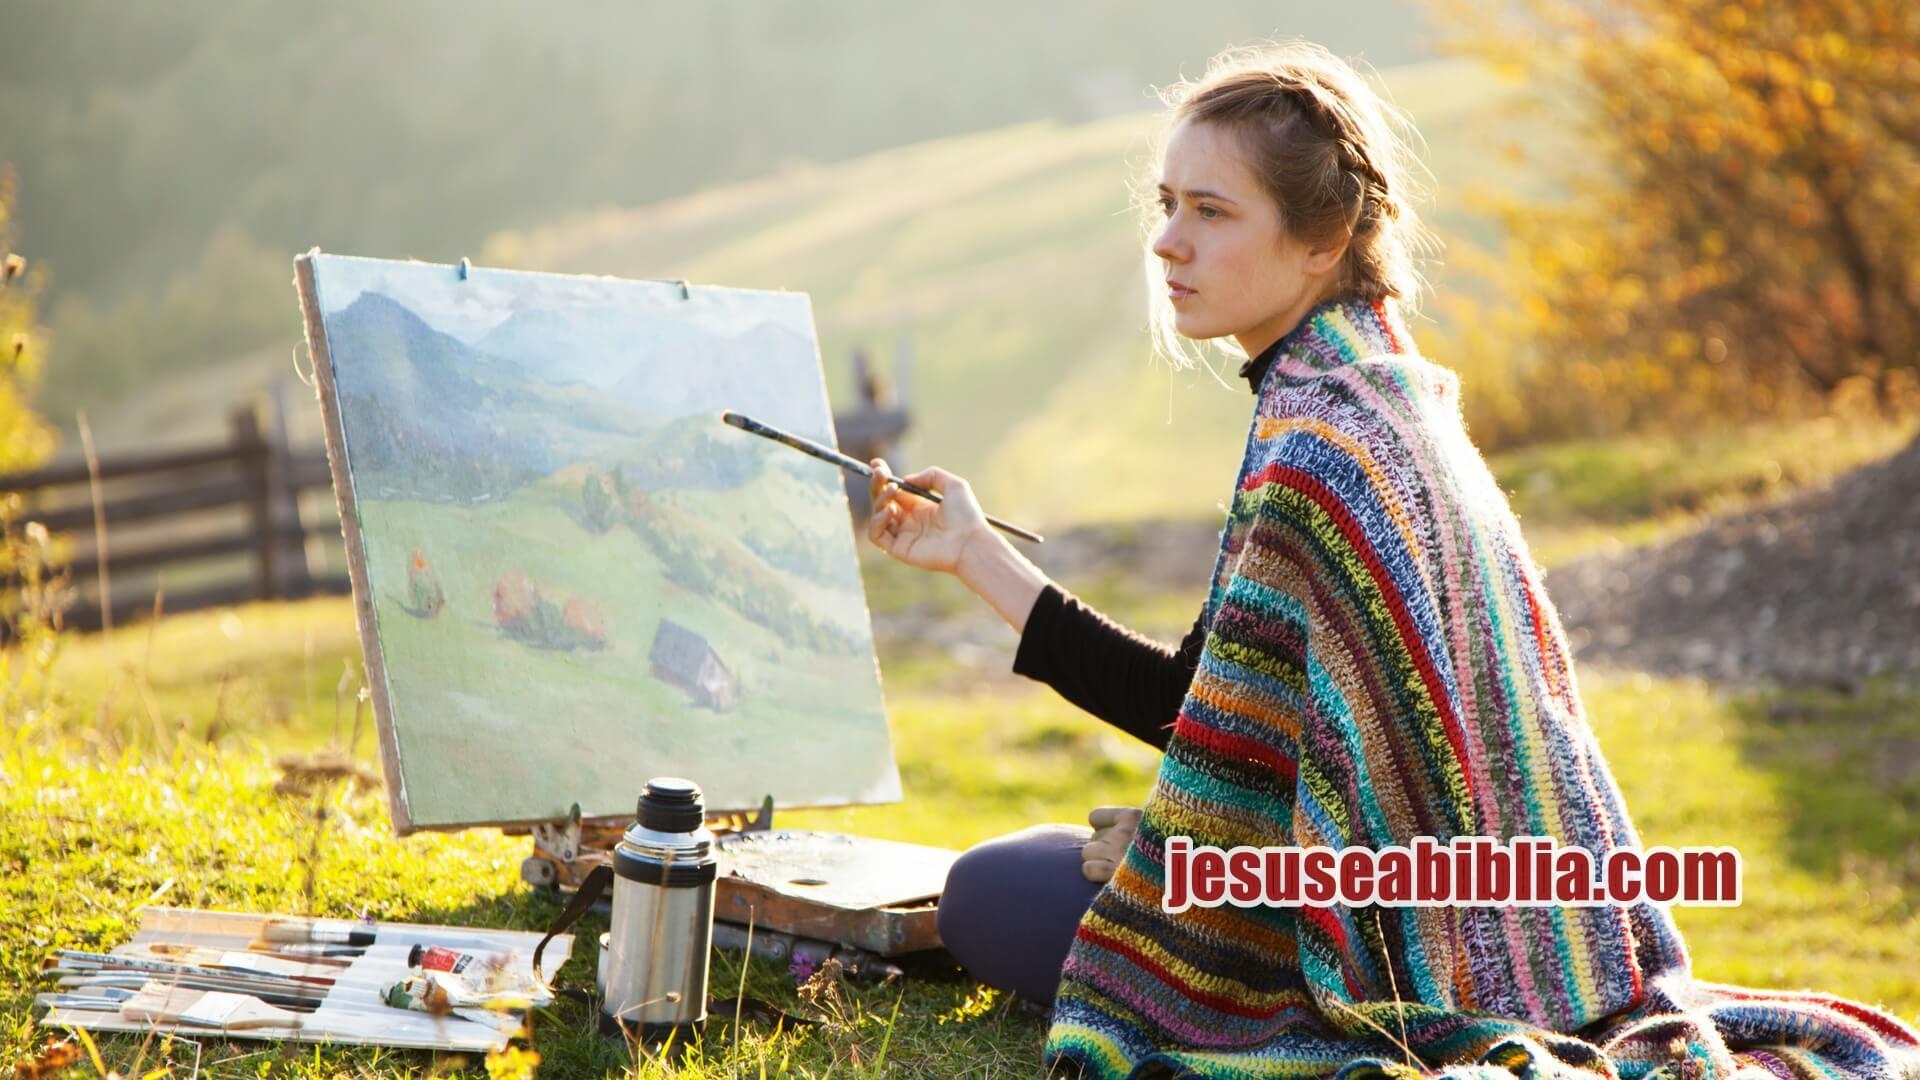 A Parábola dos Talentos - Jesus e a Bíblia